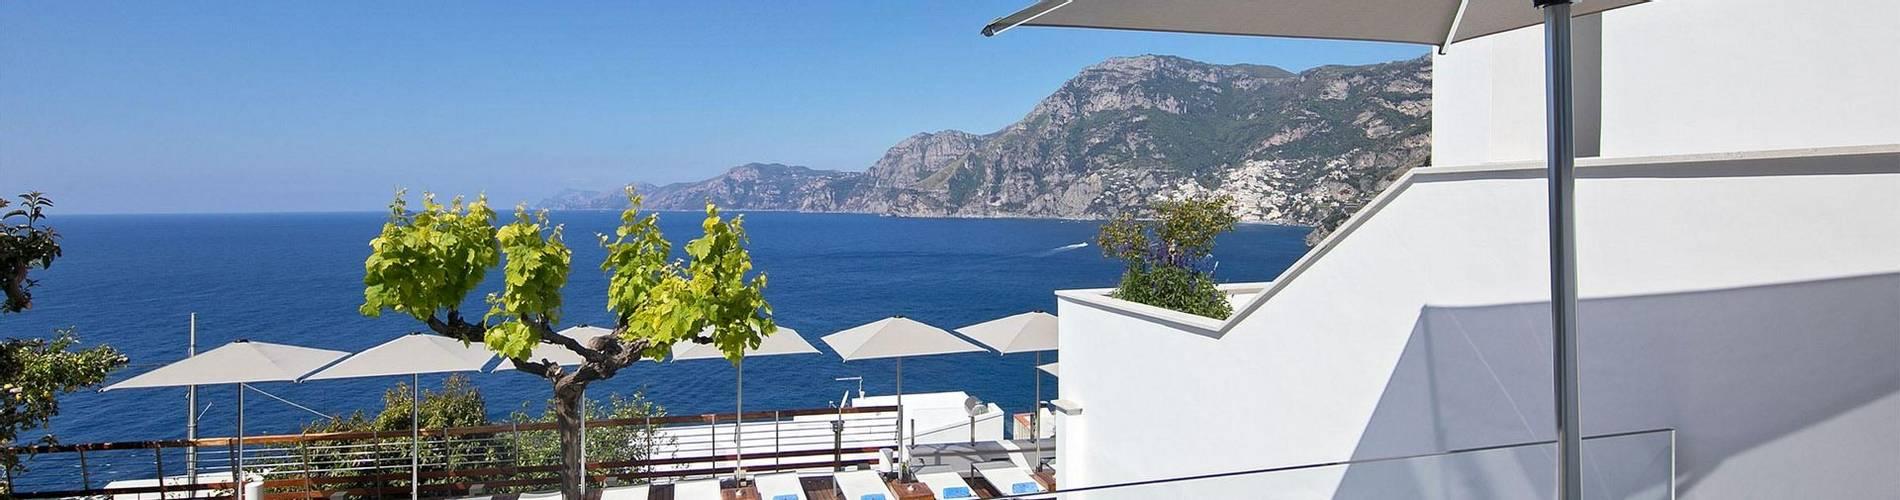 Casa Angelina, Amalfi Coast, Italy (32).jpg